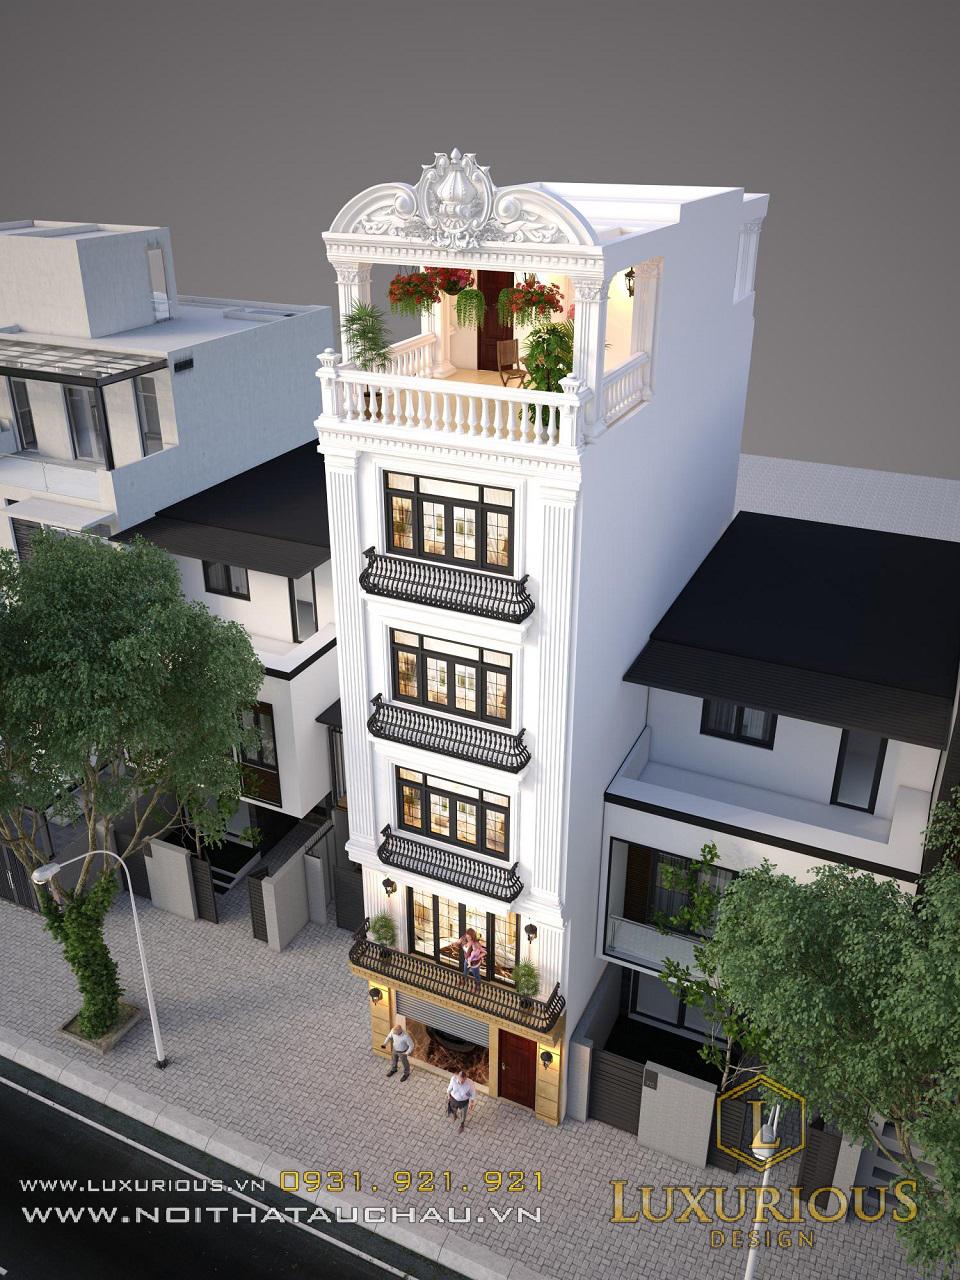 Mẫu thiết kế nội thất nhà phố 100m2 5 tầng hiện đại